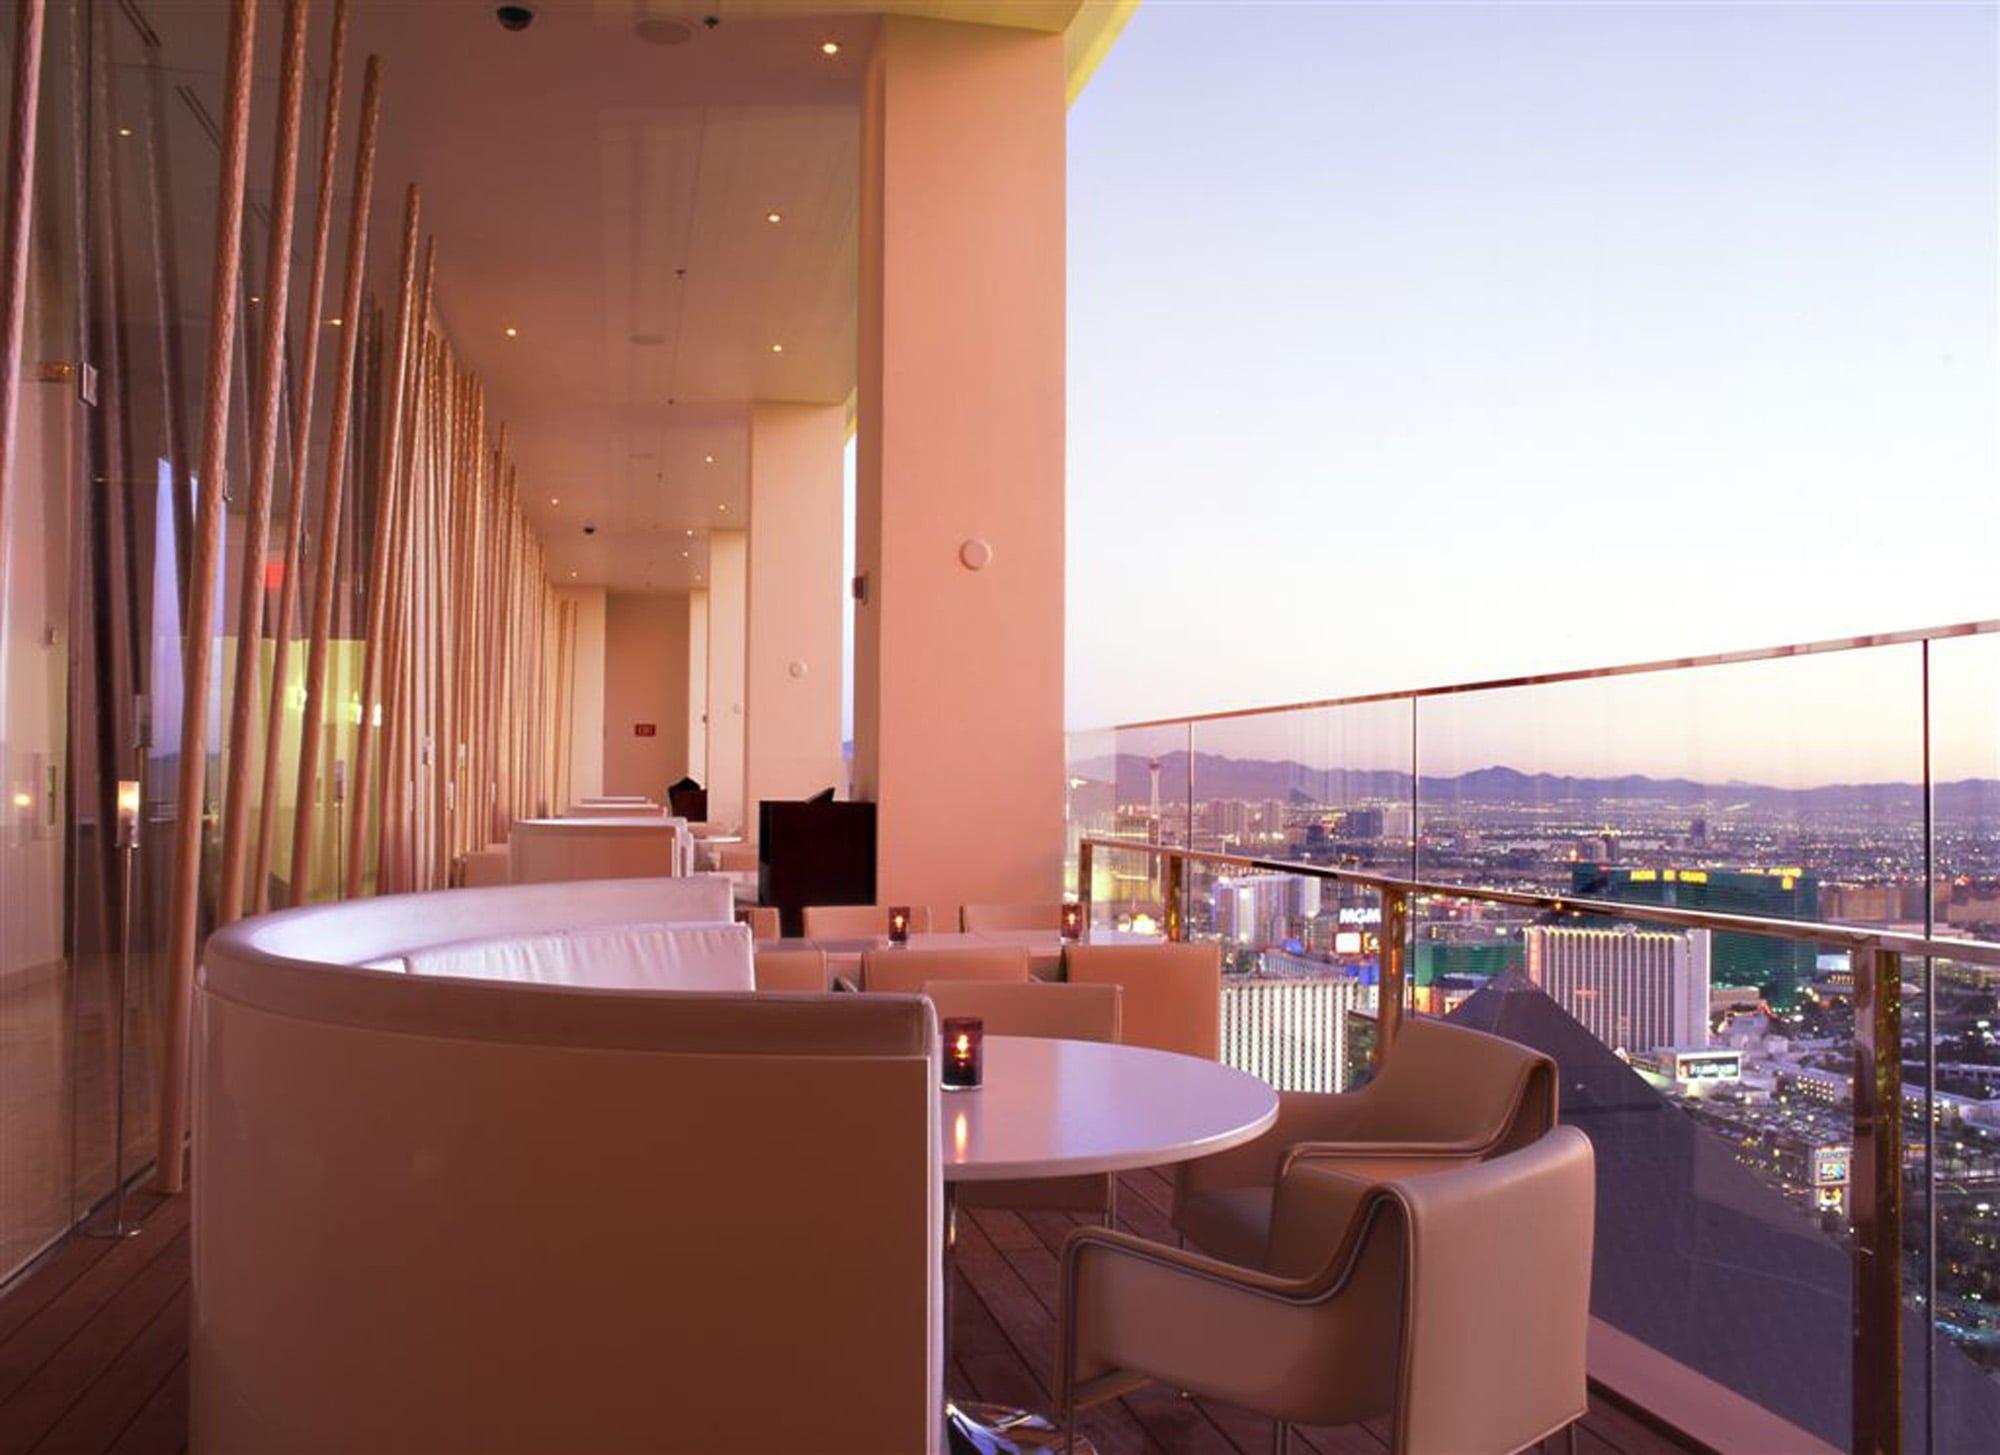 miX Balcony Dining